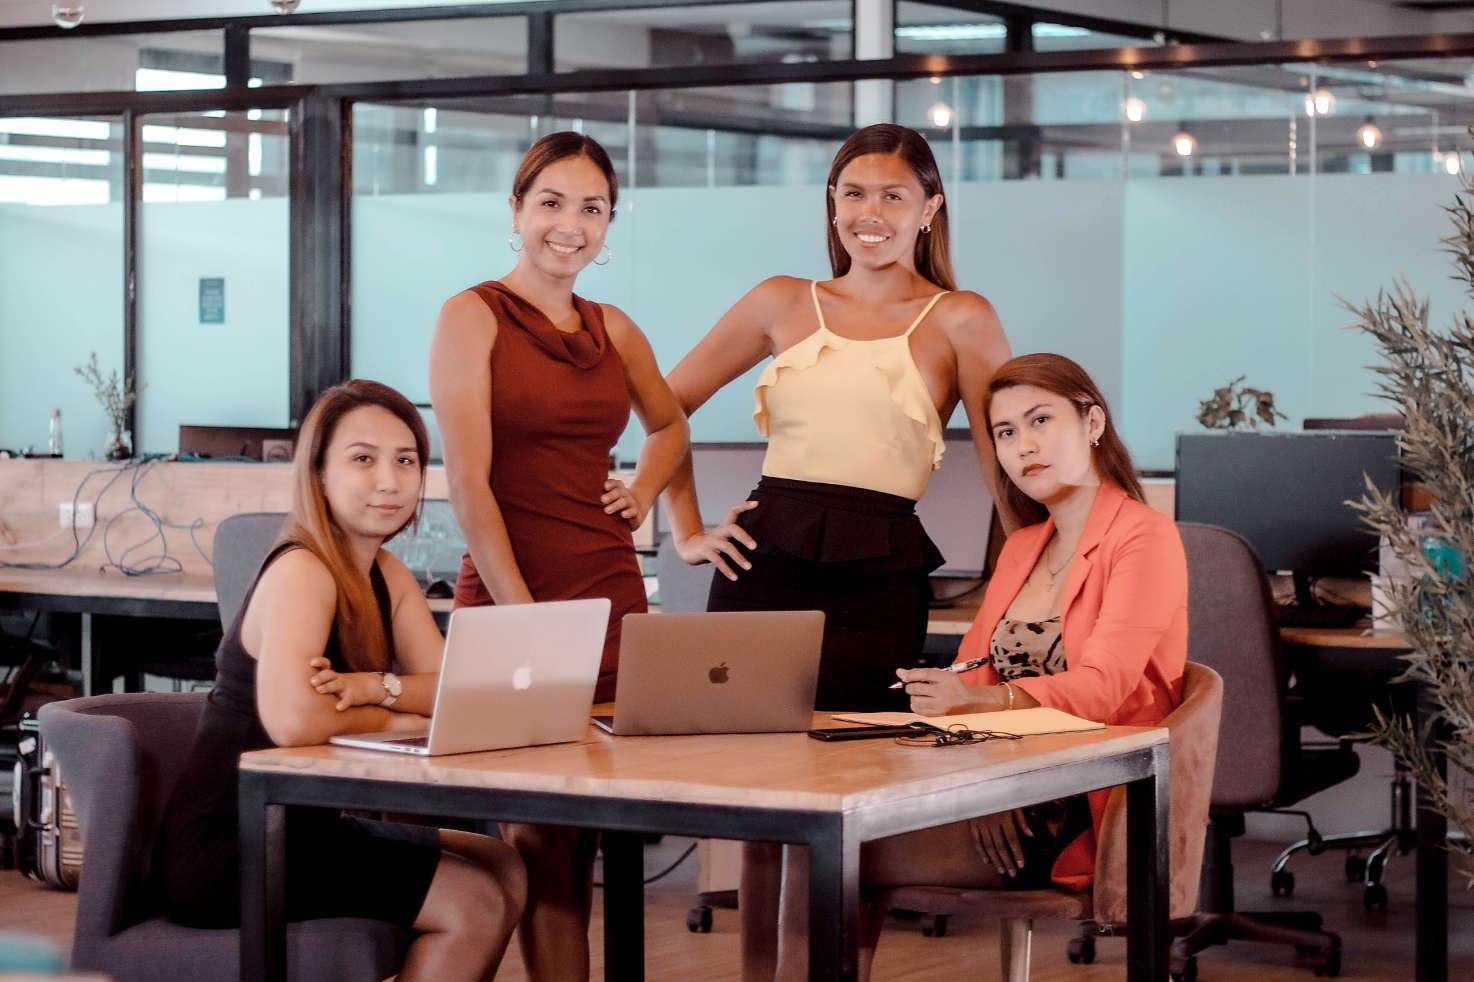 Grupo de mujeres trans trabajando